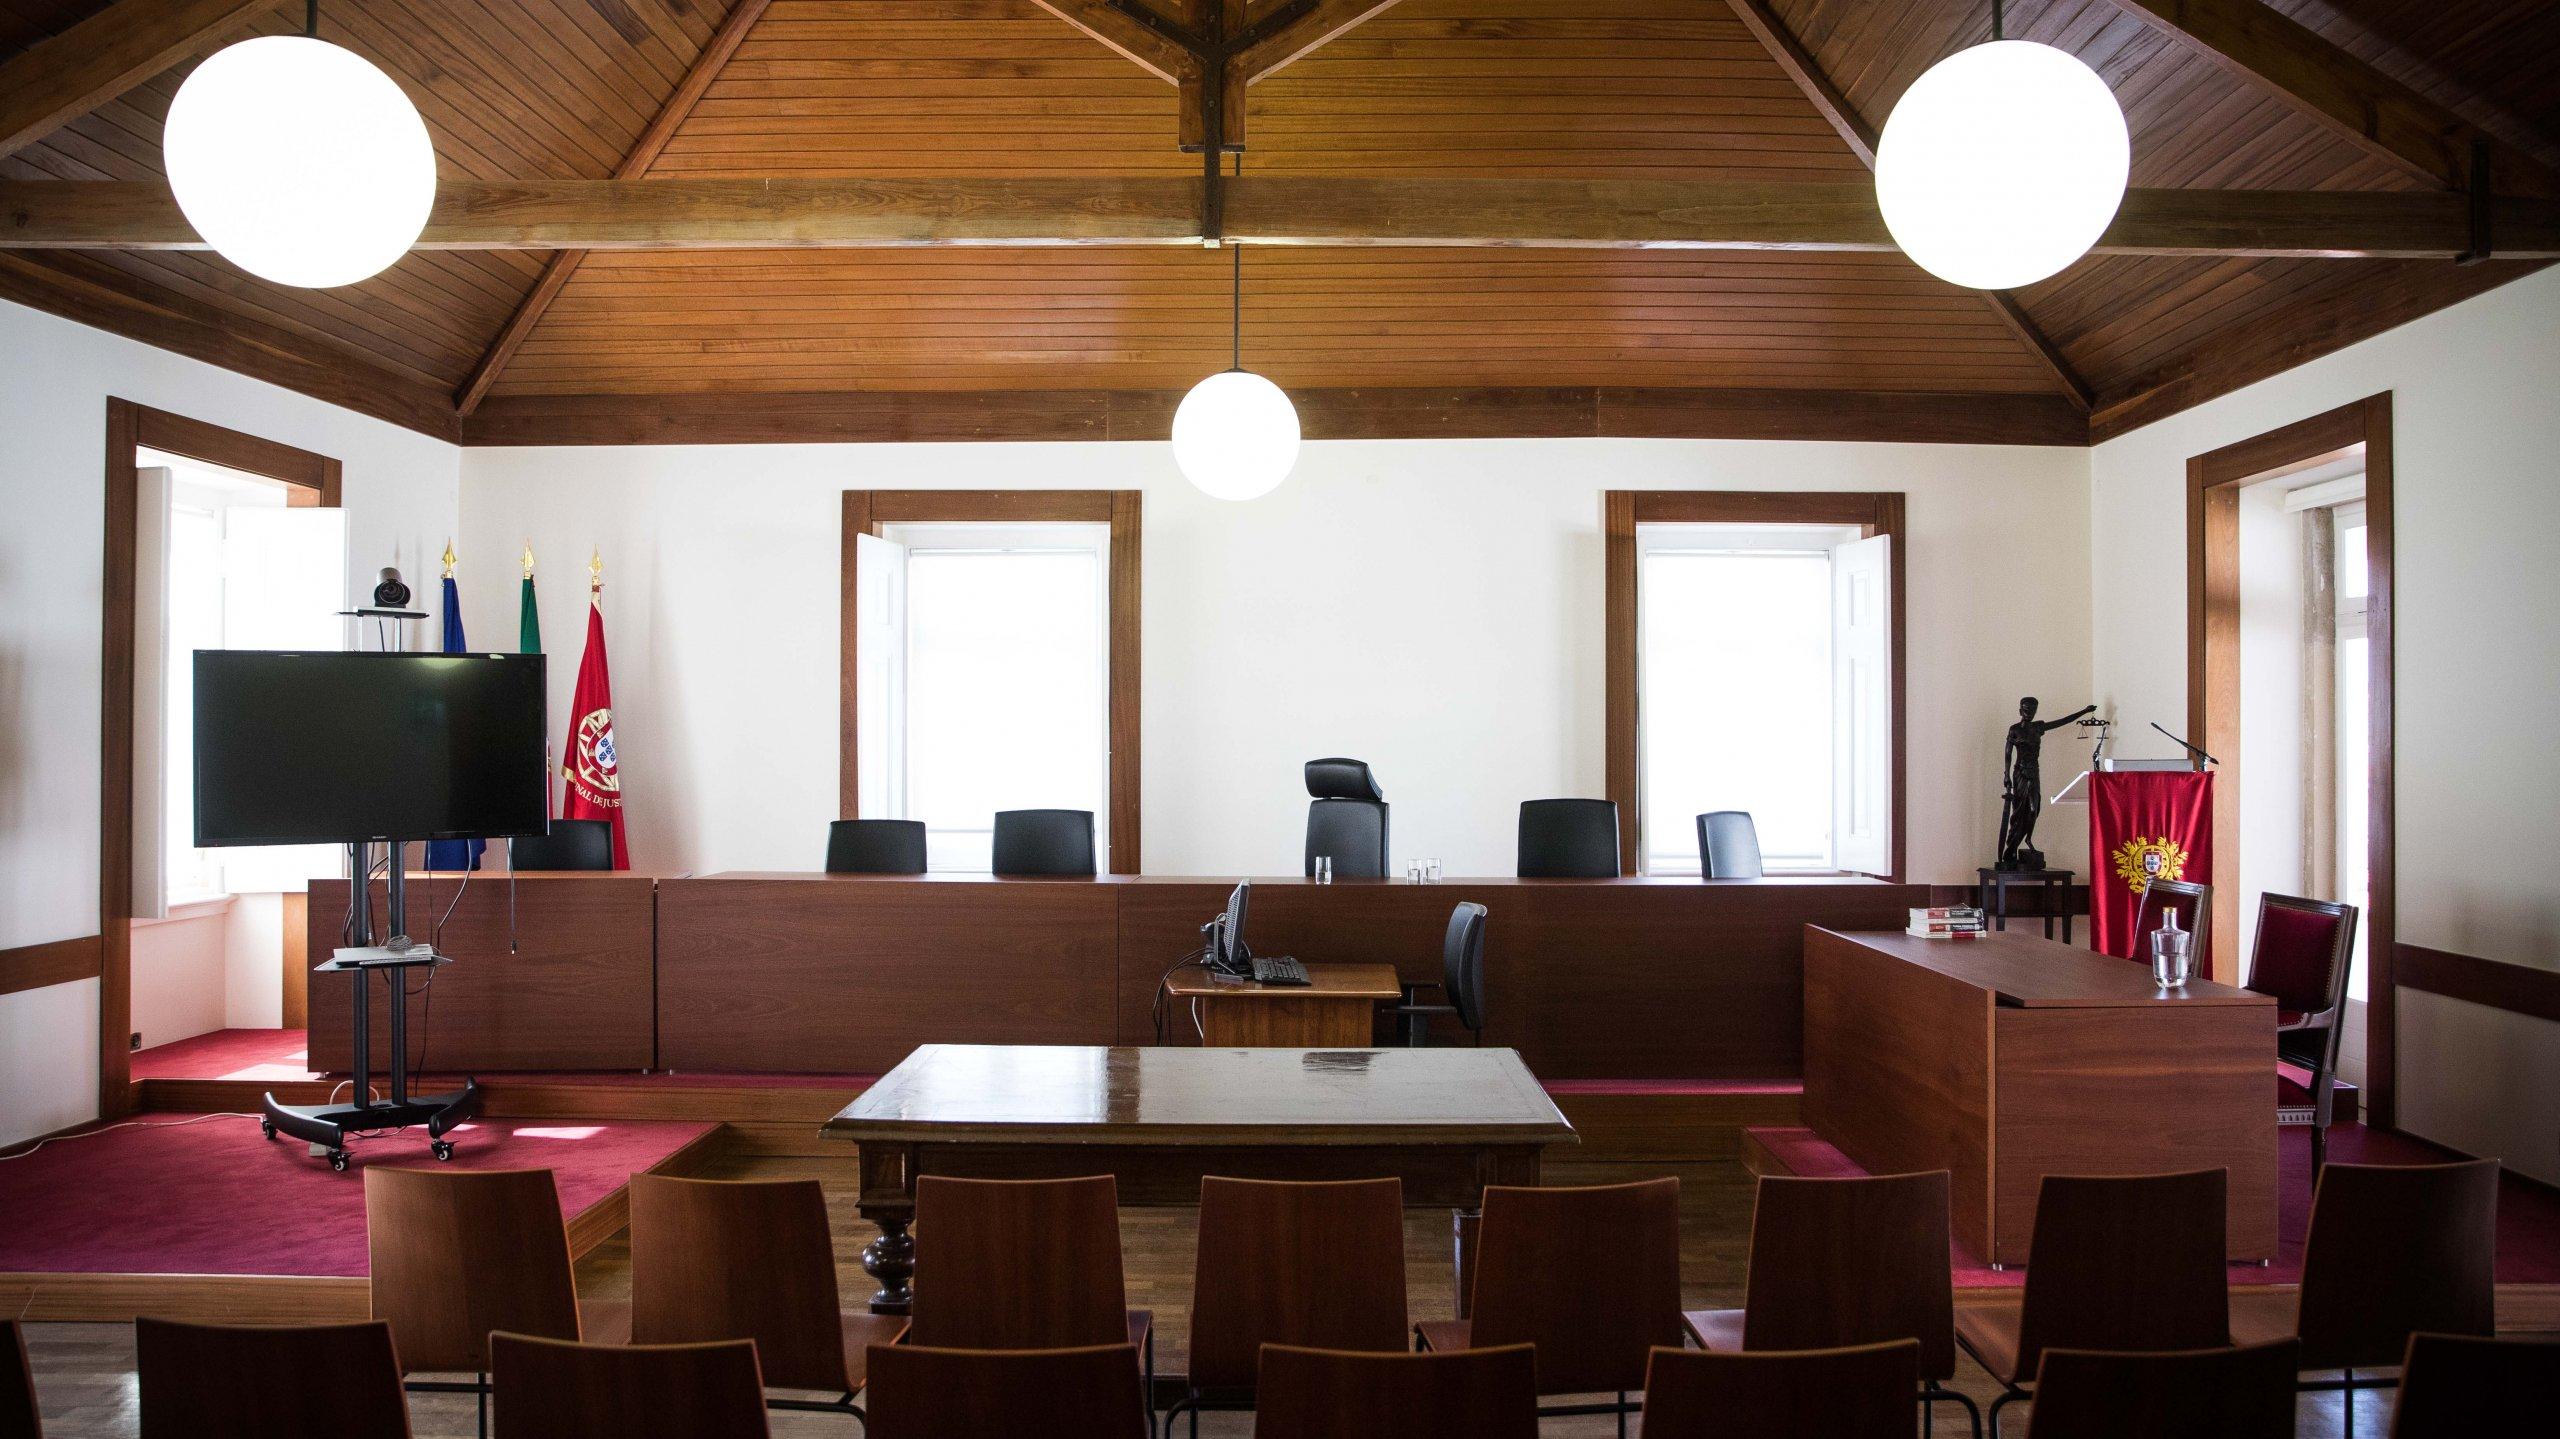 O Supremo Tribunal de Justiça, presidido pelo presidente, Conselheiro António Joaquim Piçarra, em conferência de imprensa, mostrou como é efetuada a distribuição de processos pelos diferentes juízes.